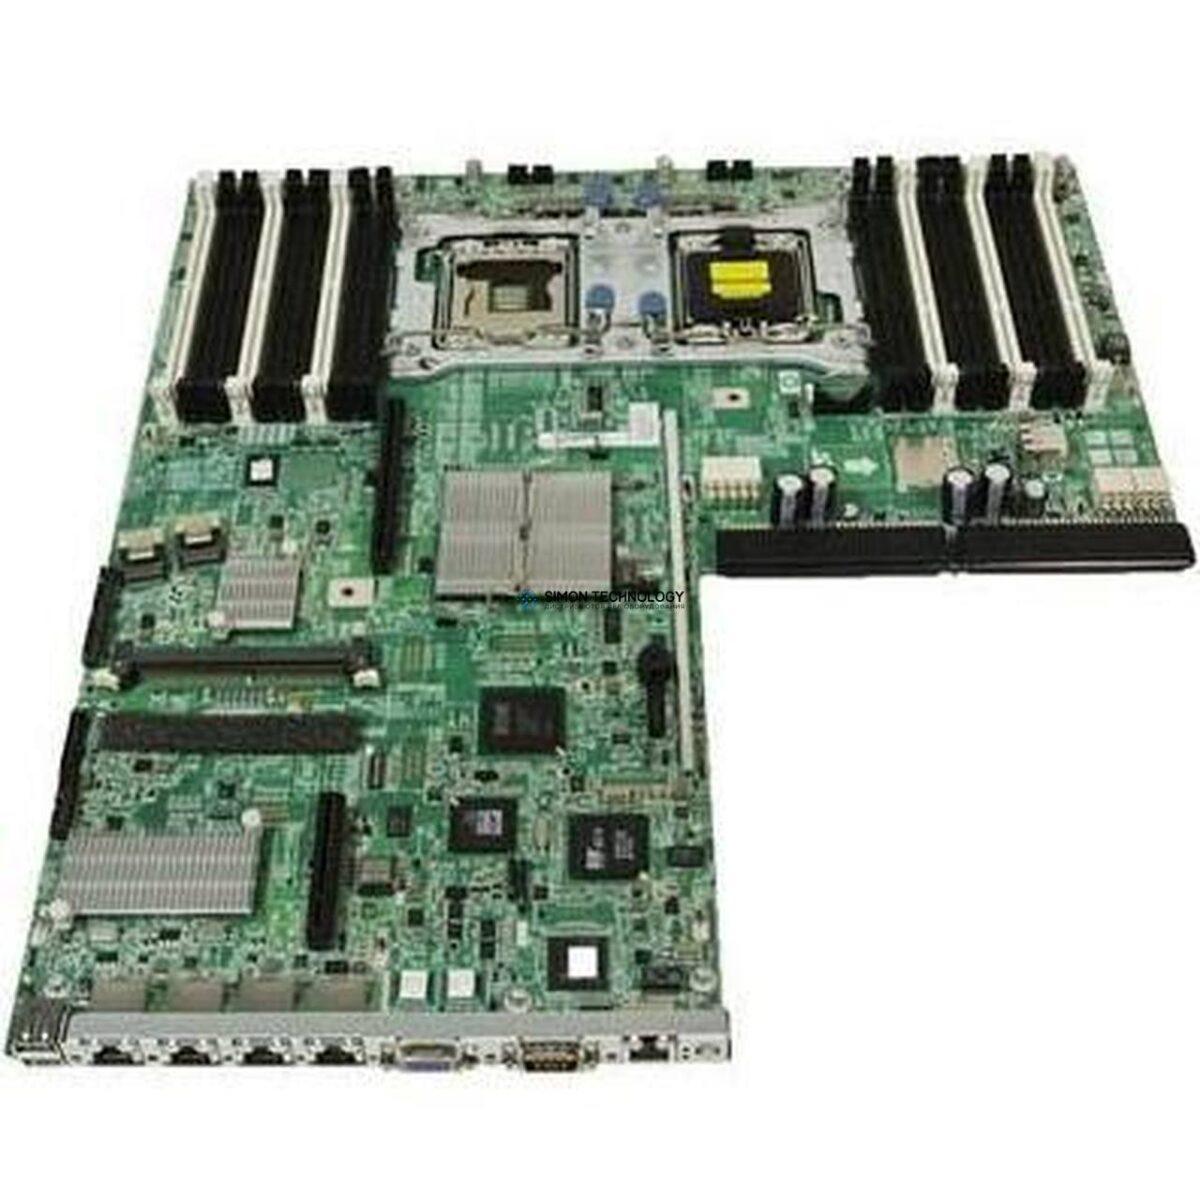 HP HP Enterprise - - DL360/DL380 G9 MOTHERBOARD - UPGRADED TO V4 (729842-002-V4)